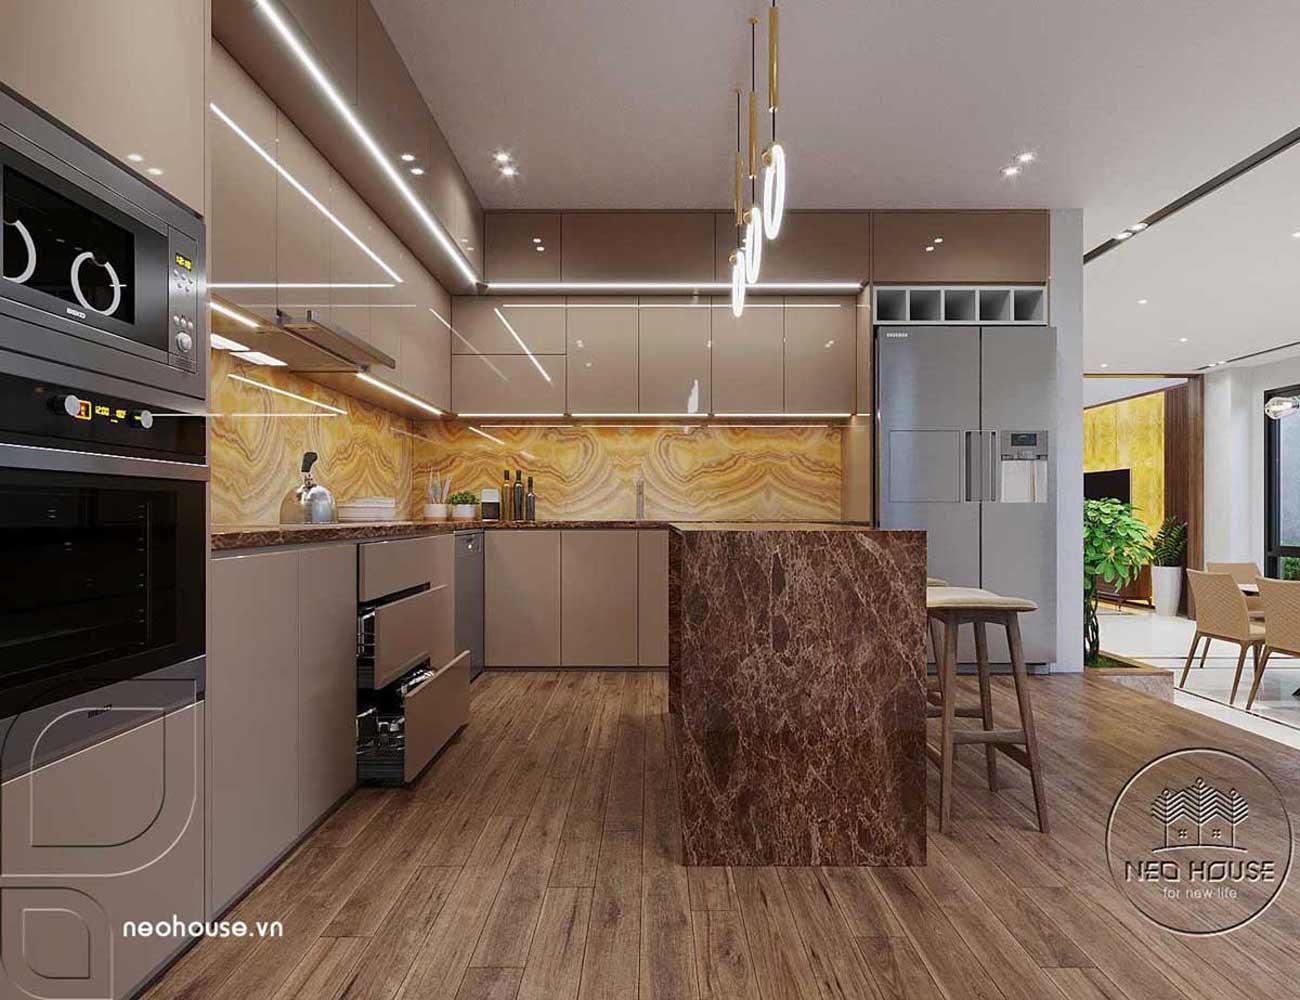 Mẫu thiết kế nội thất biệt thự hiện đại. Ảnh 5